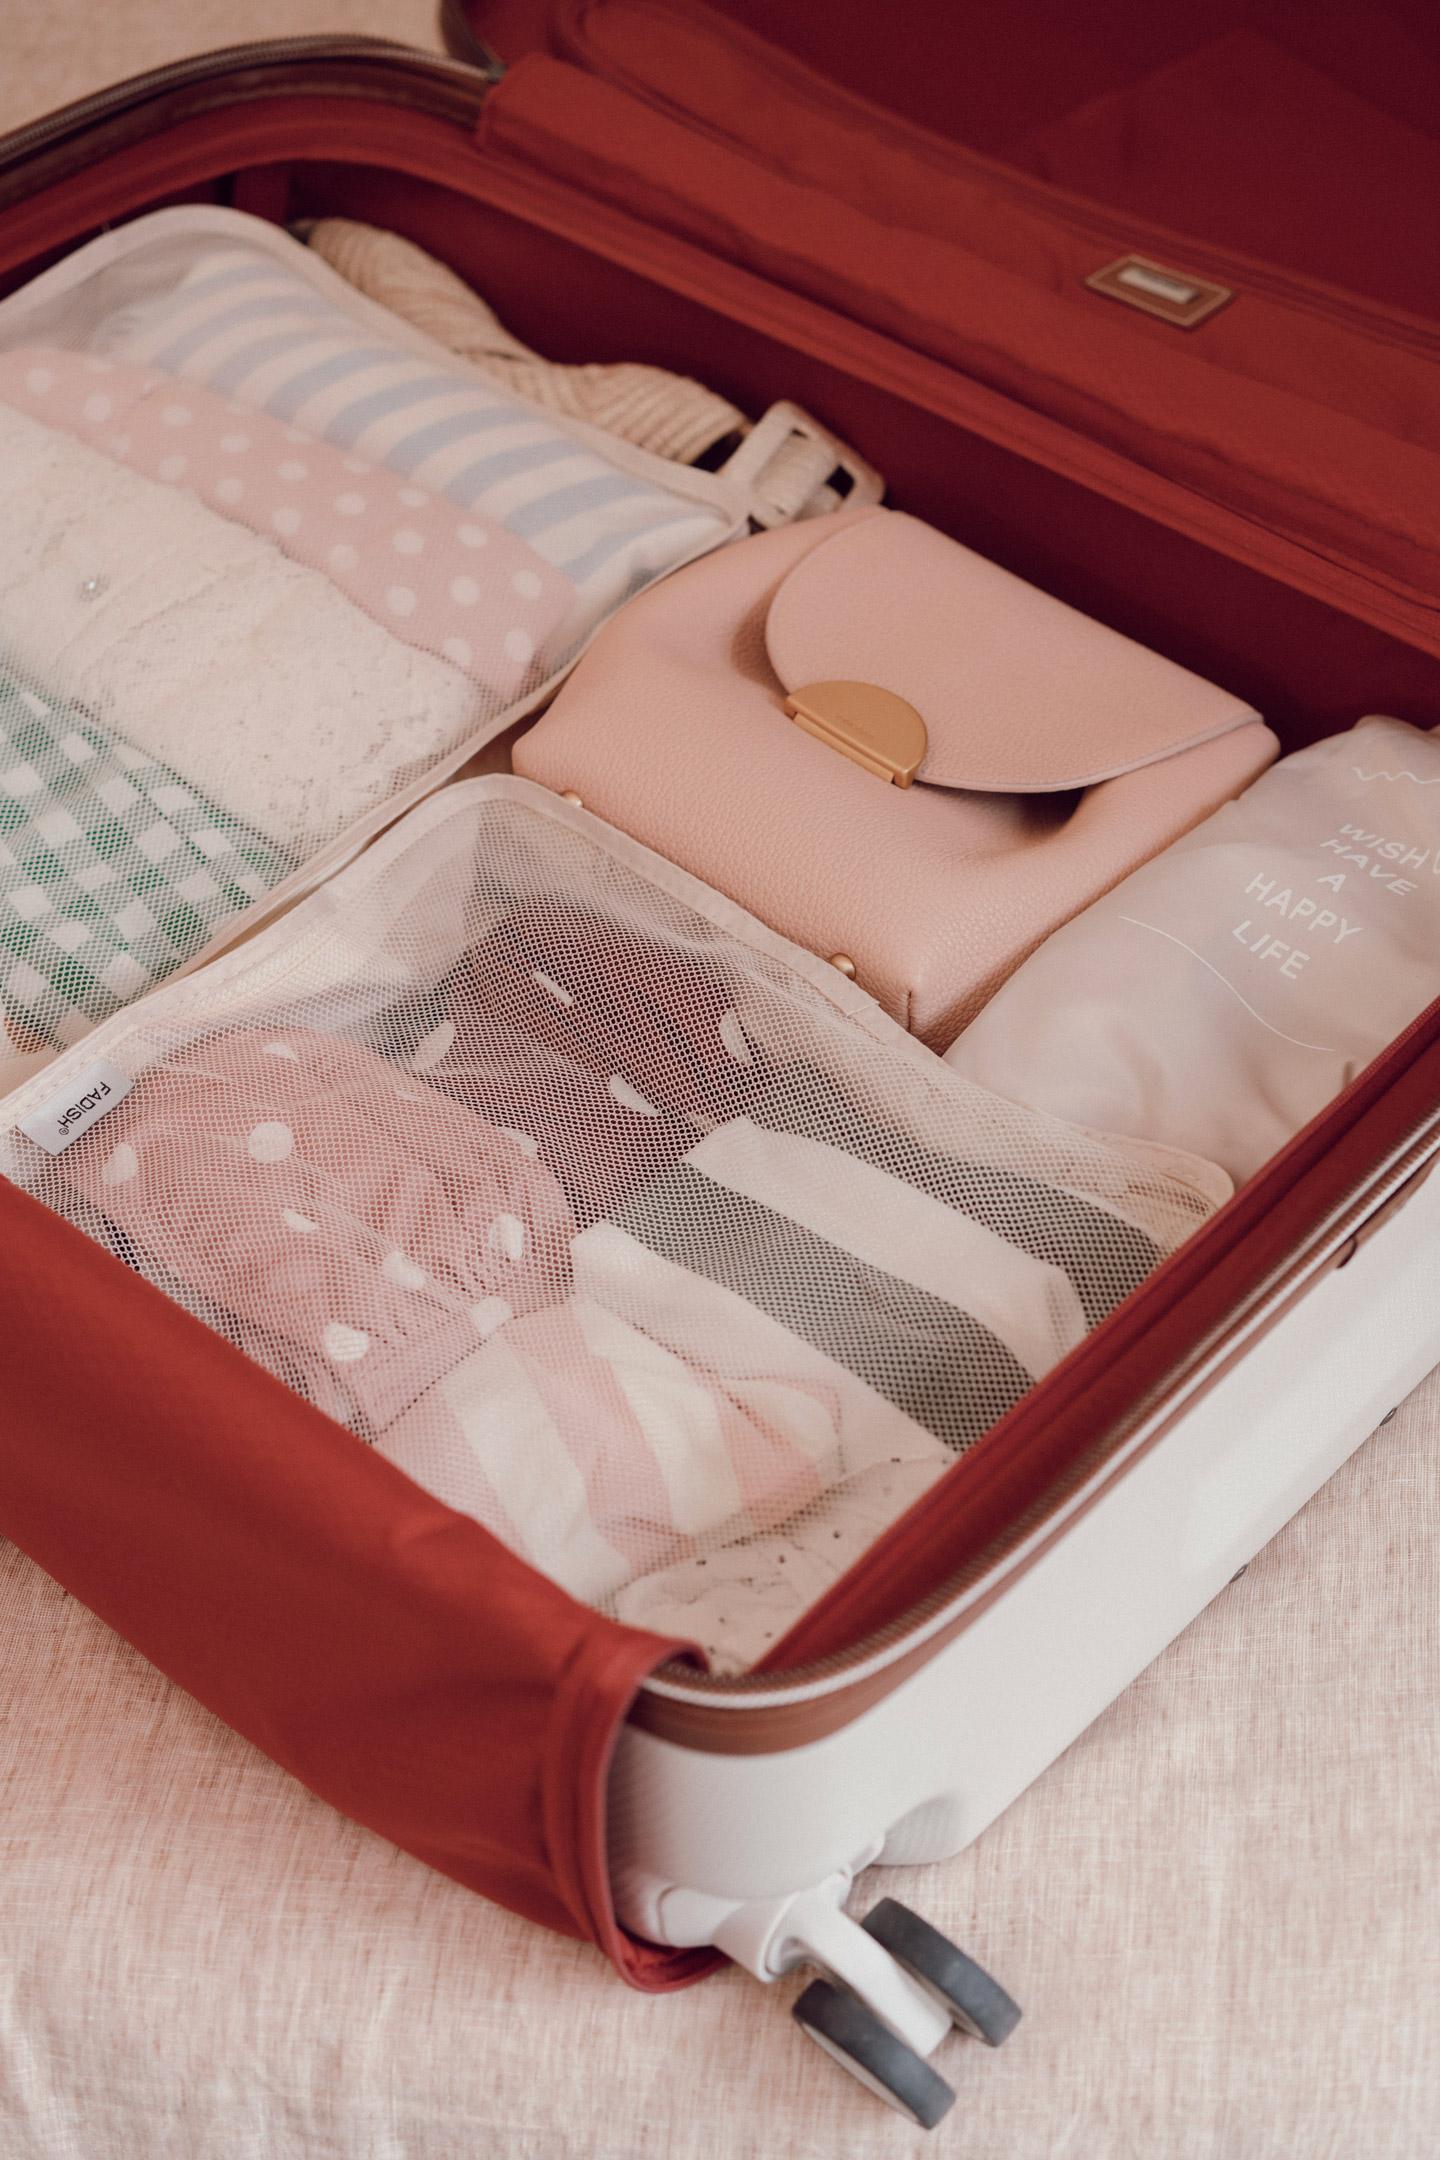 comment-bien-faire-ma-valise-8